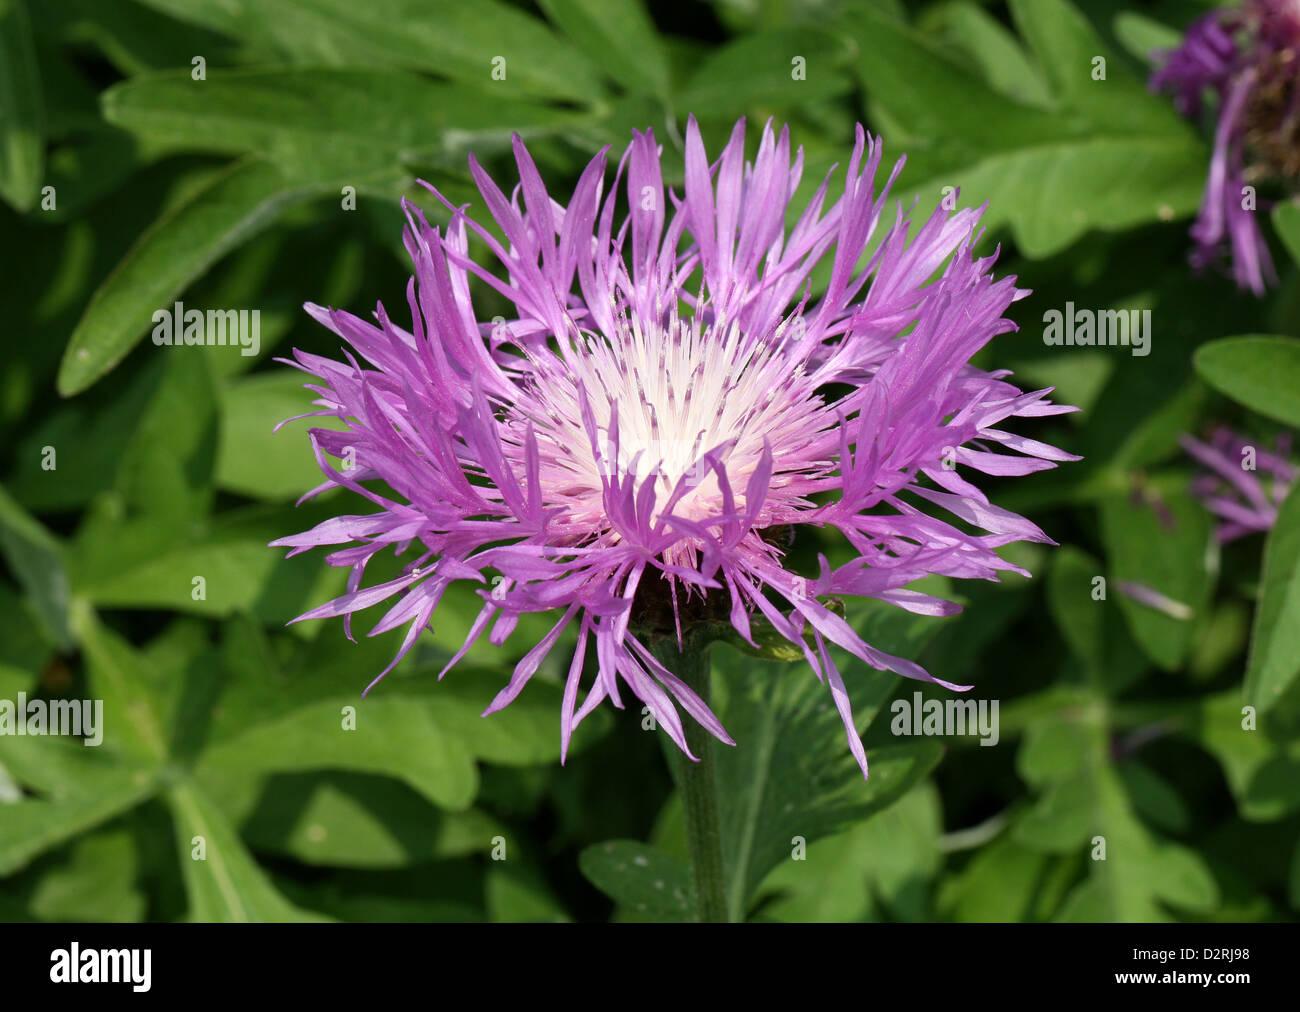 Rosa pulsante scapoli, Centaurea pulcherrima, Asteraceae. Armenia e Turchia. Immagini Stock